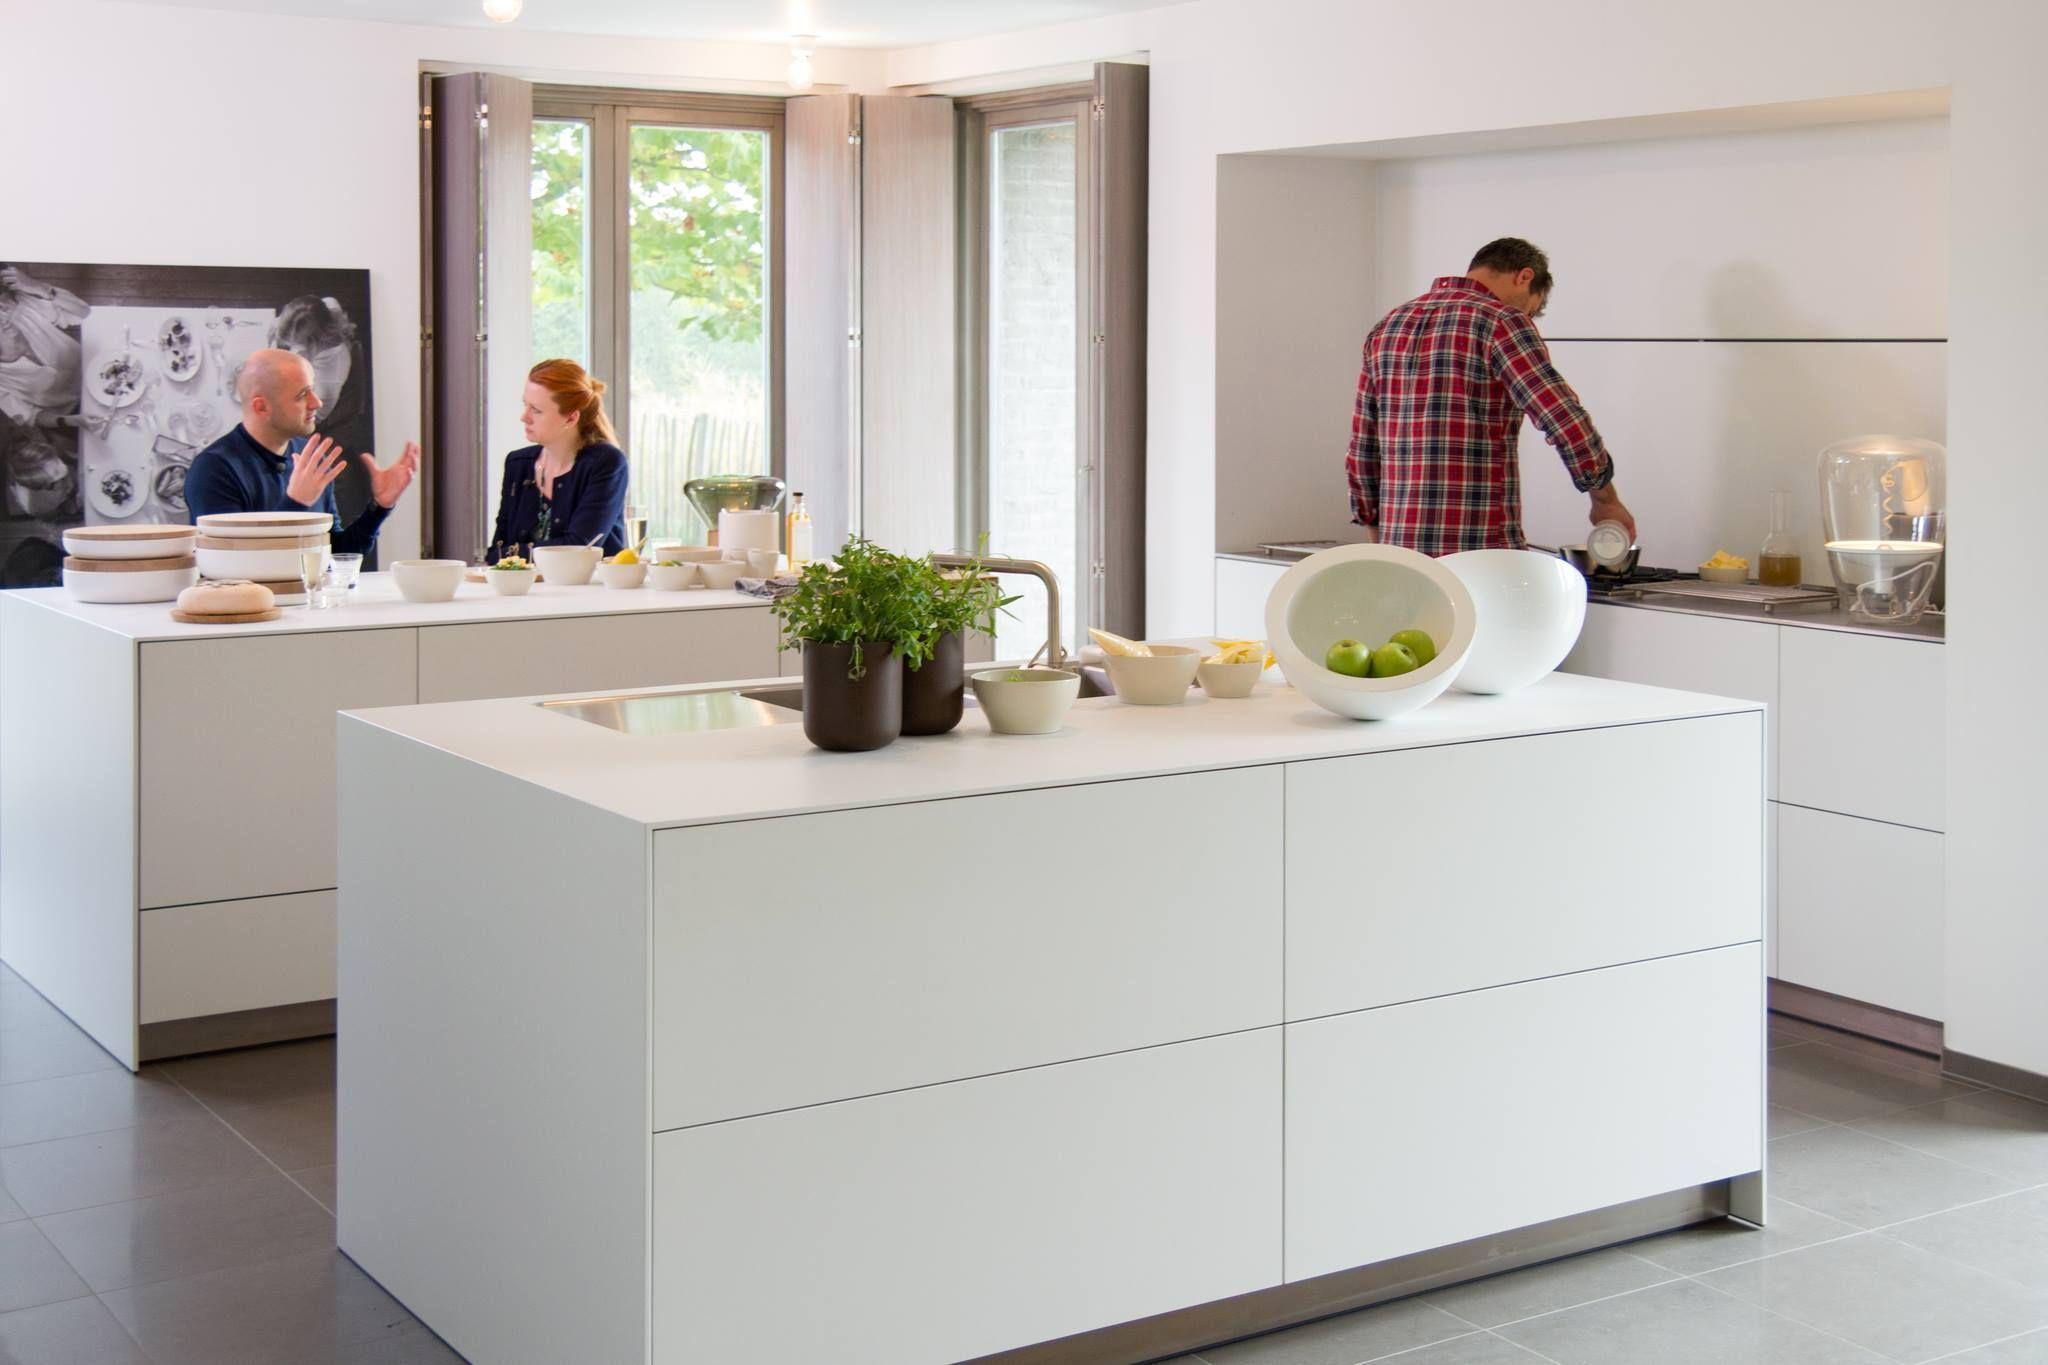 White Bulthaup b3   bulthaup   Pinterest   Kitchens, Kitchen design ...